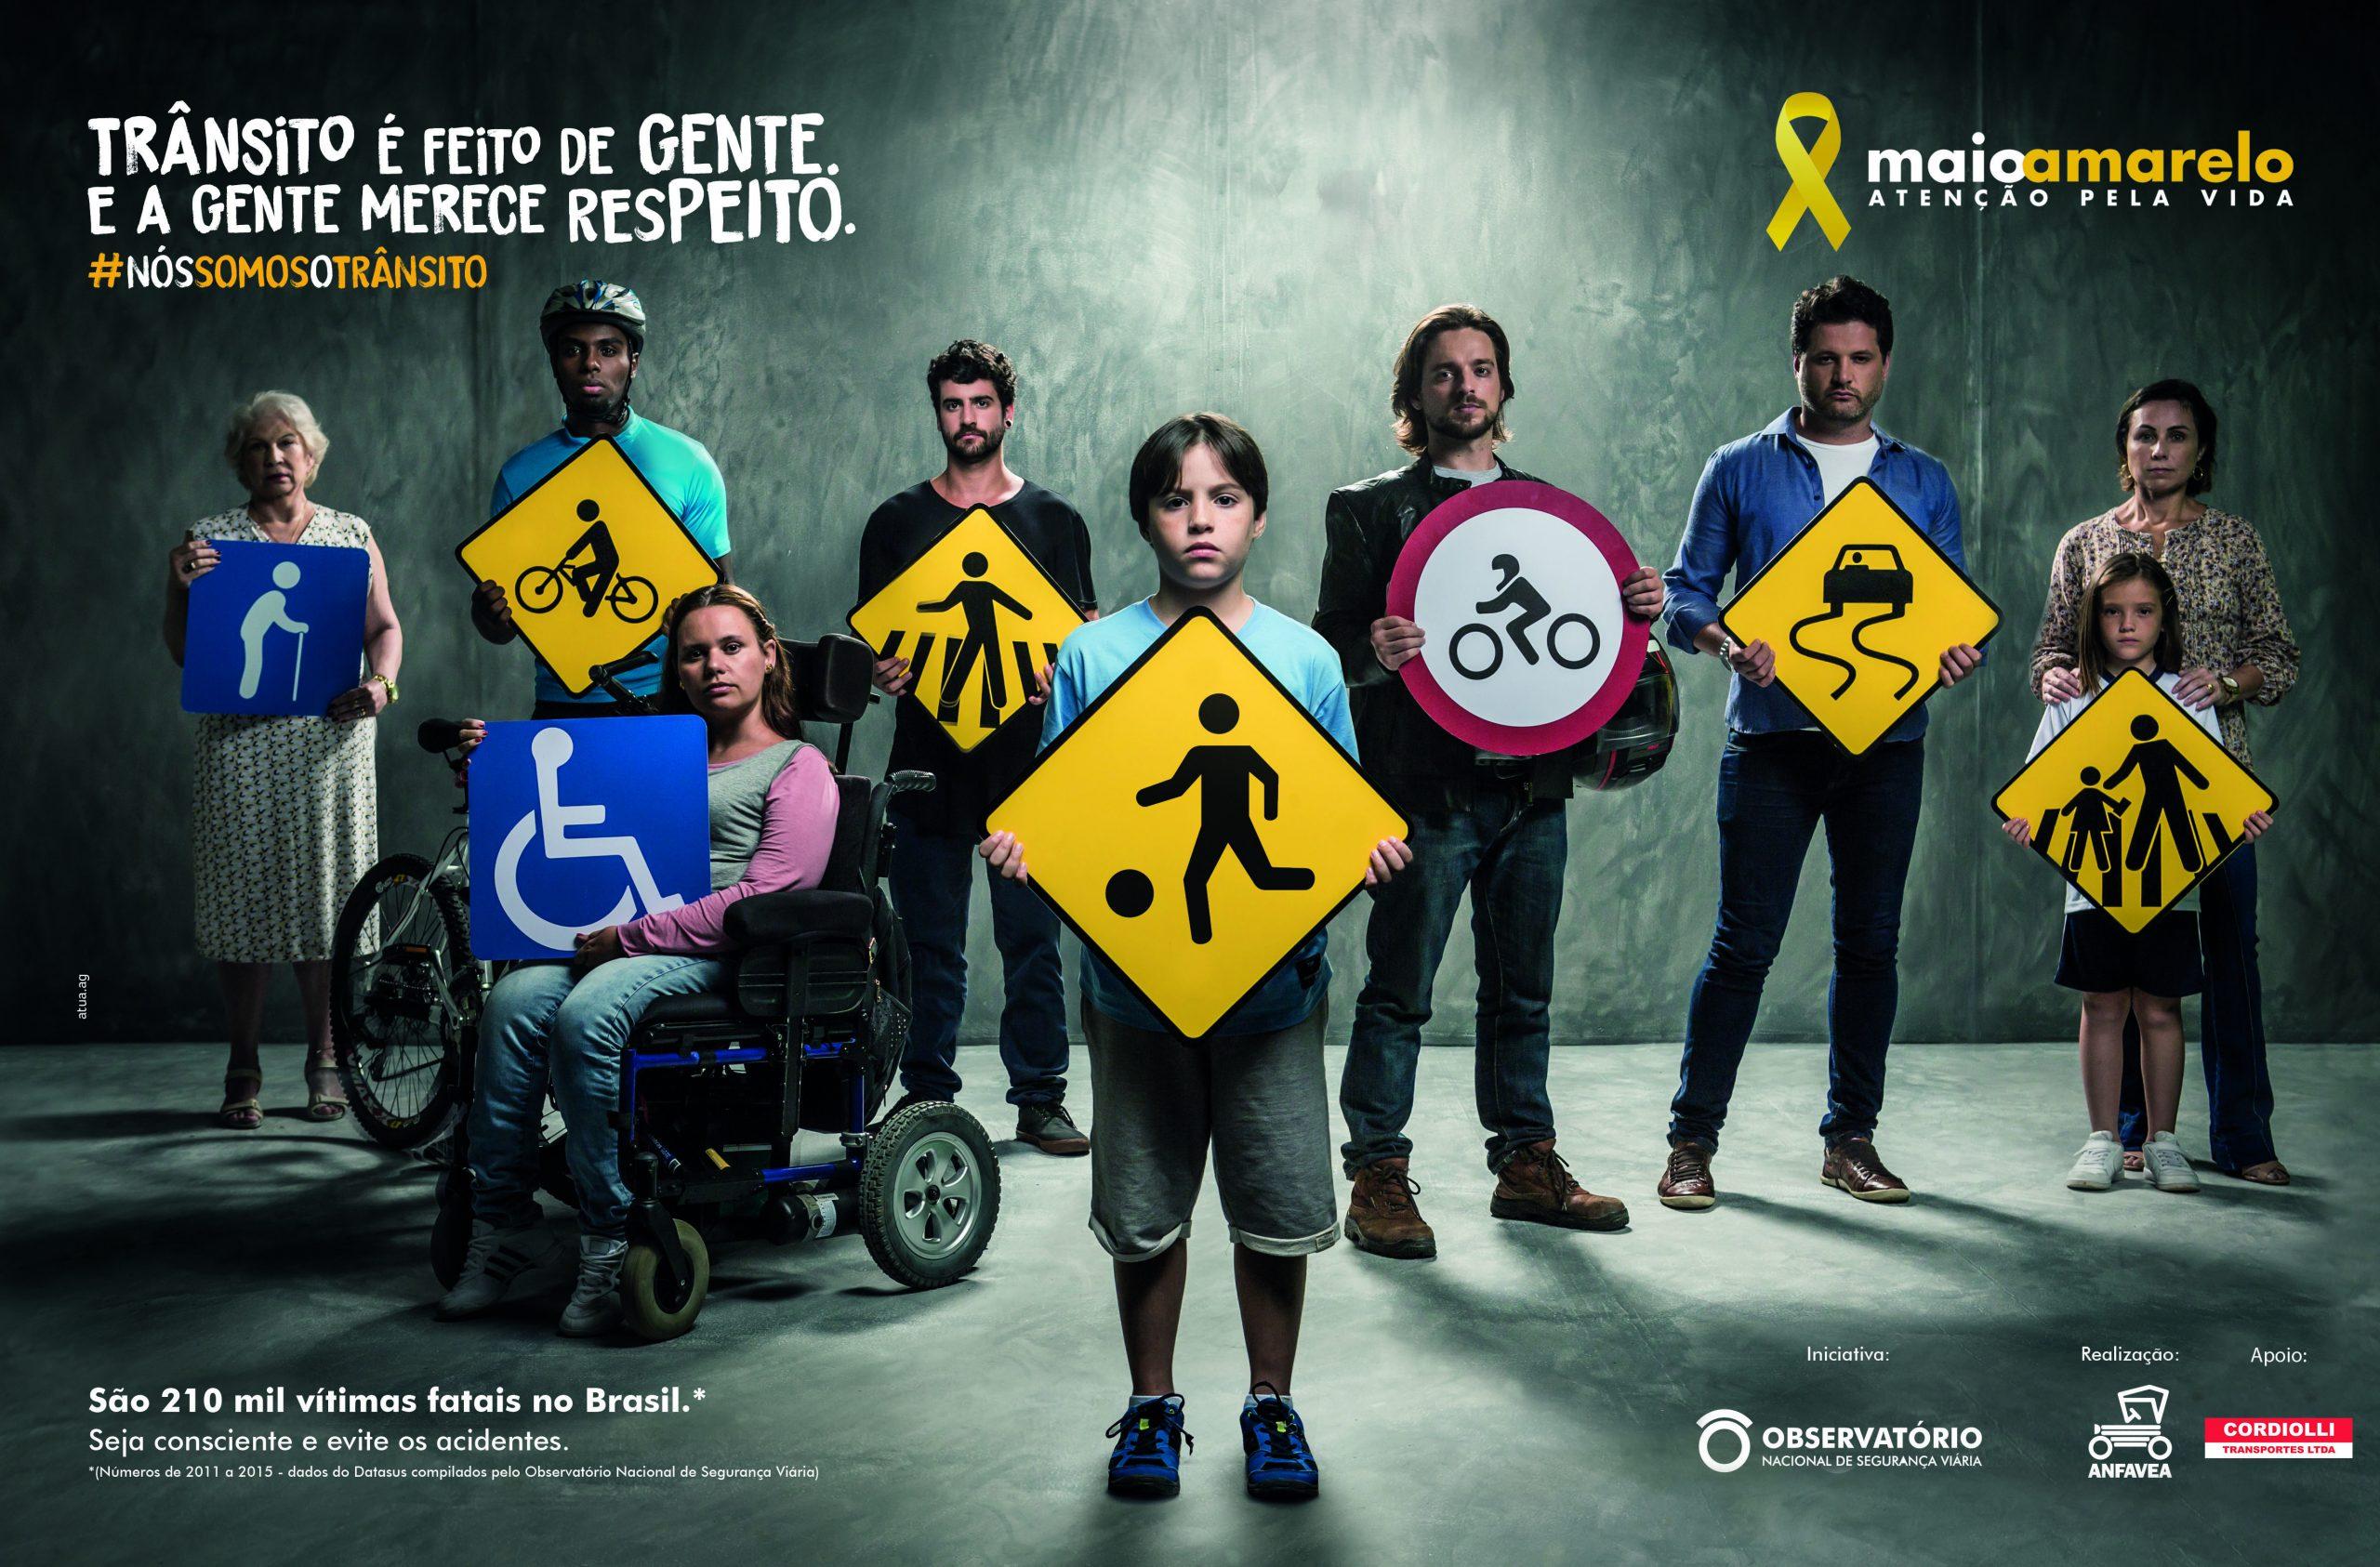 Maio Amarelo: no trânsito, respeito e responsabilidade são necessários